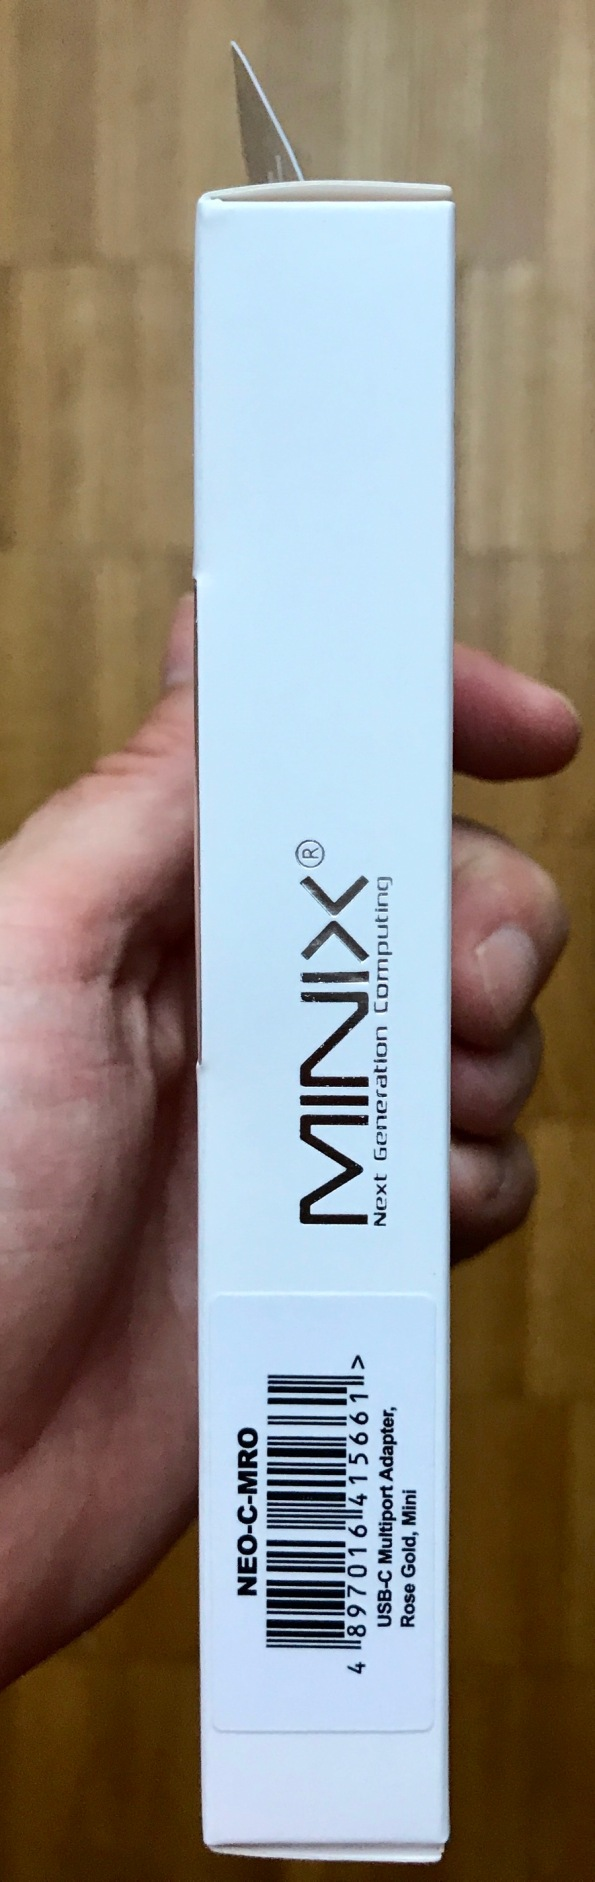 Minix_USB-C_dock_2